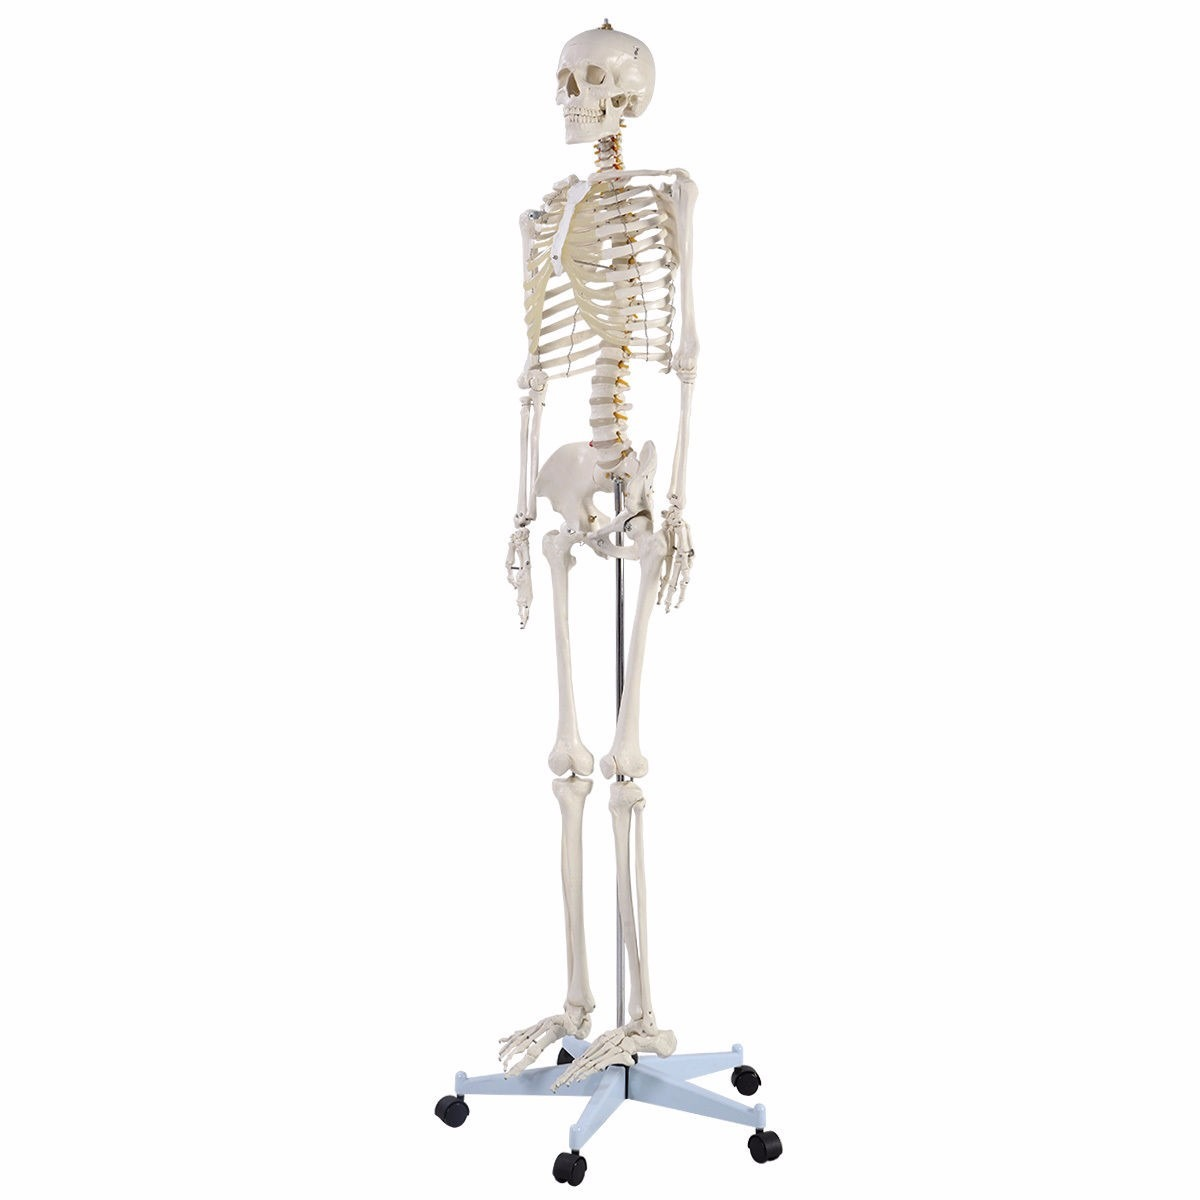 Esqueleto Humano Tamaño Natural Anatomía Huesos Calavera Est ...